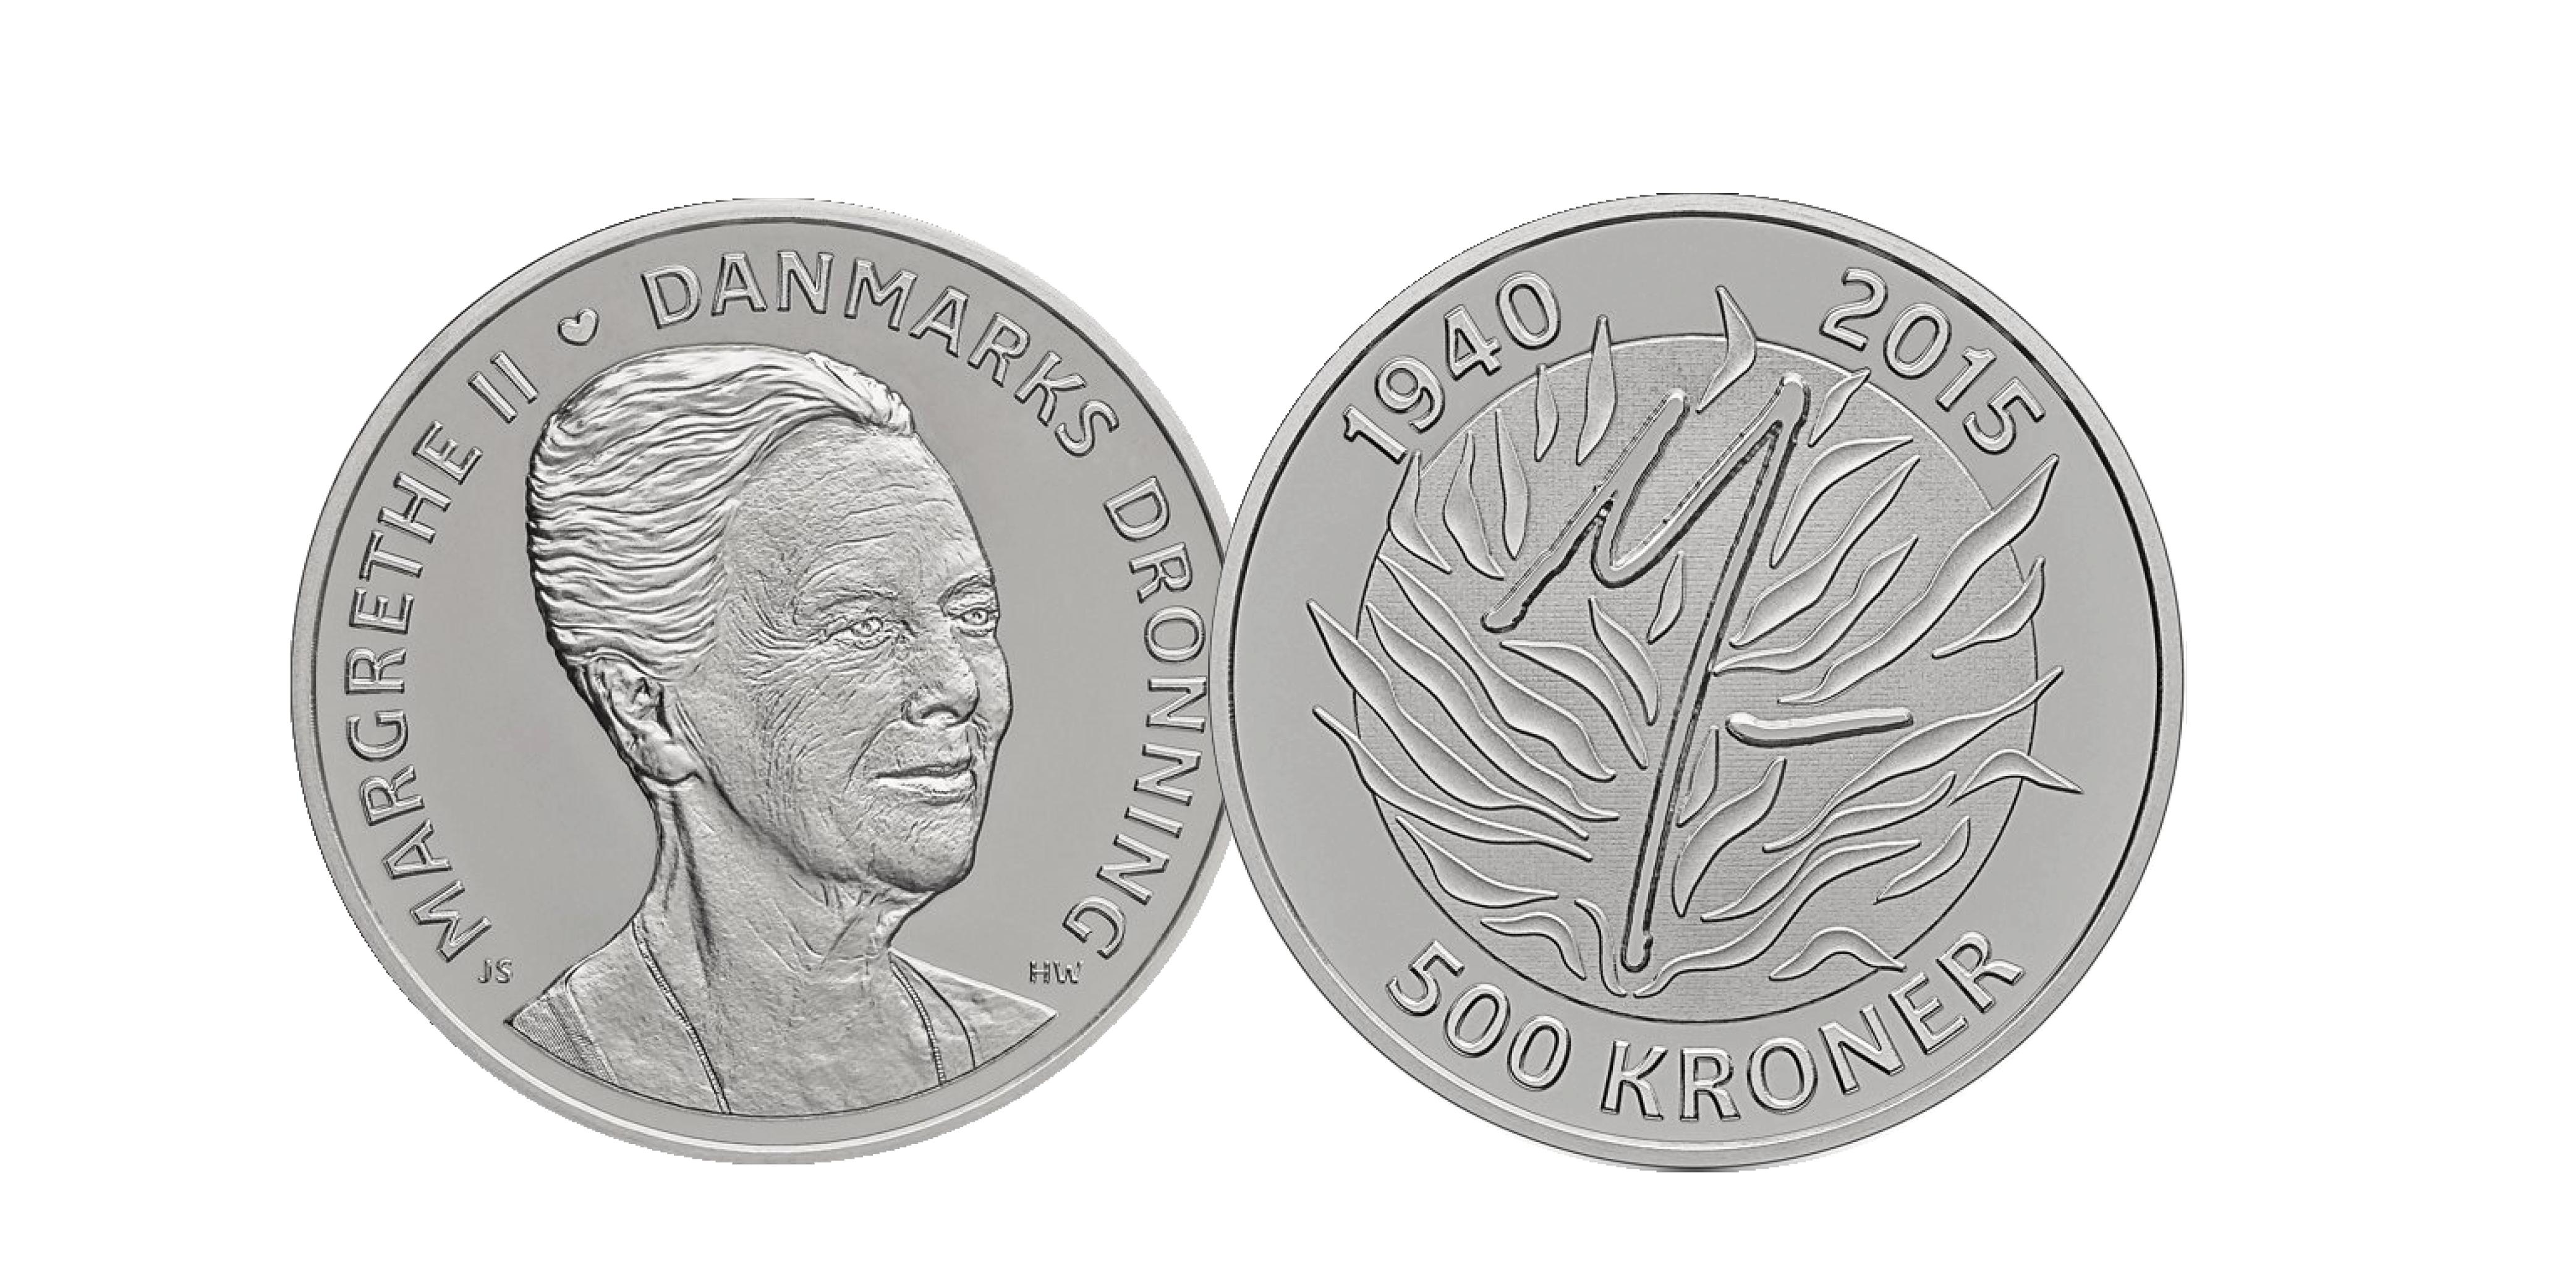 Denne officielle mønt med Hendes Majestæt er præget i 99,9% sølv, en diameter på 38 mm og en vægt på hele 31,10 gram. Mønten er præget i anledning af hendes 75 års fødselsdag